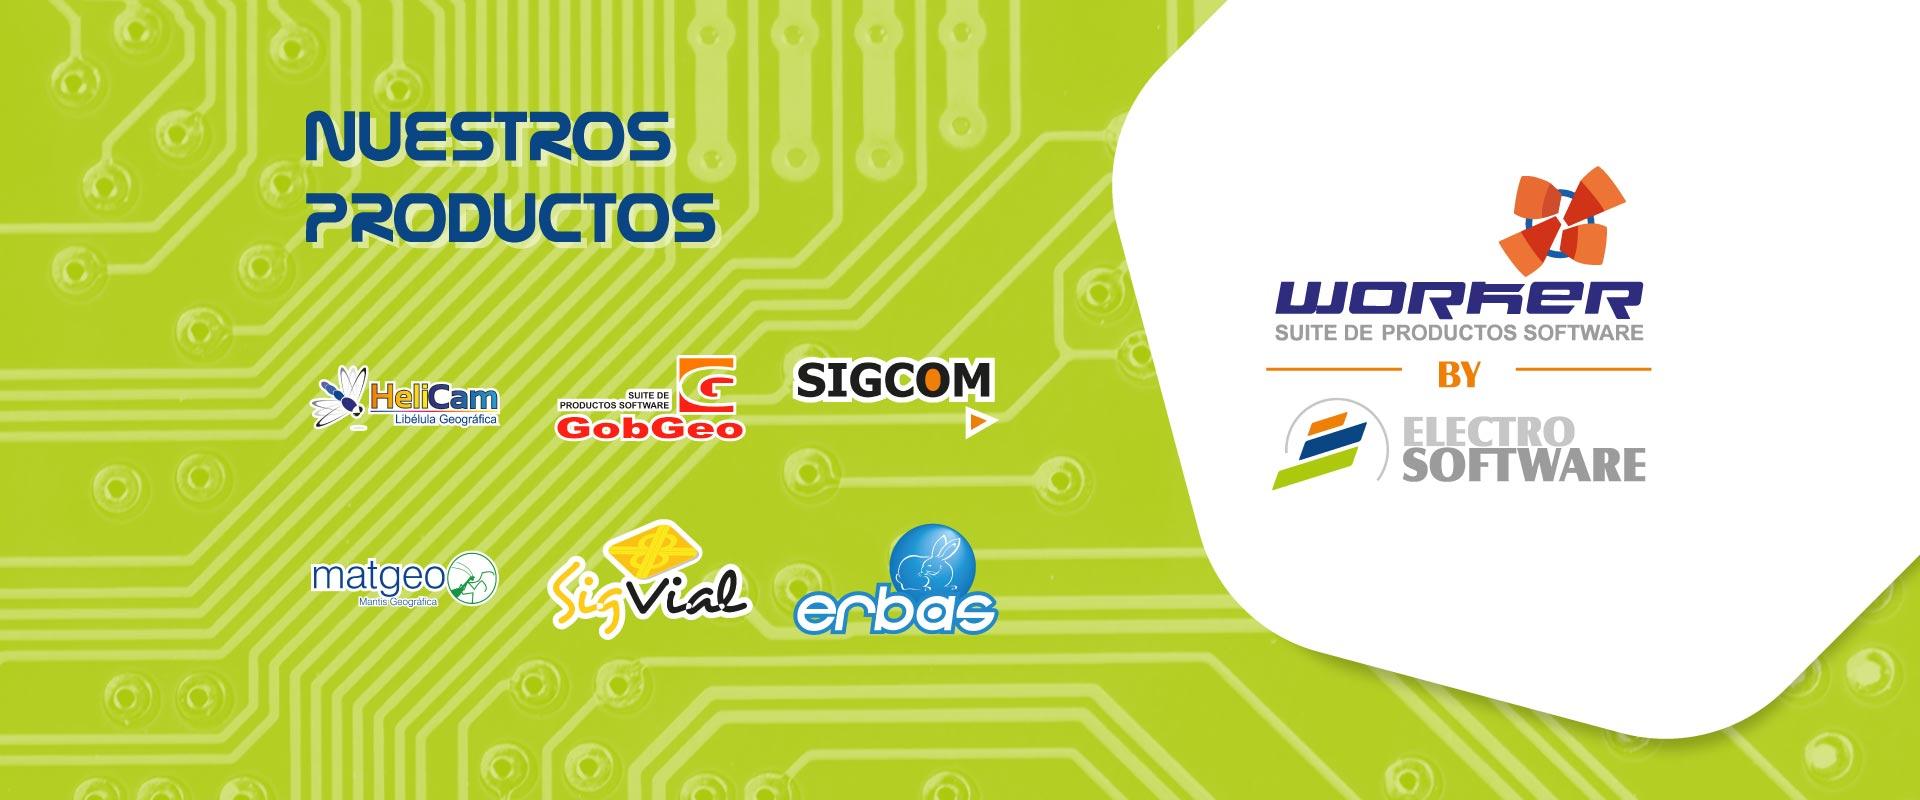 Imagen de ElectroSoftware Software y tecnología Bucaramanga mintic